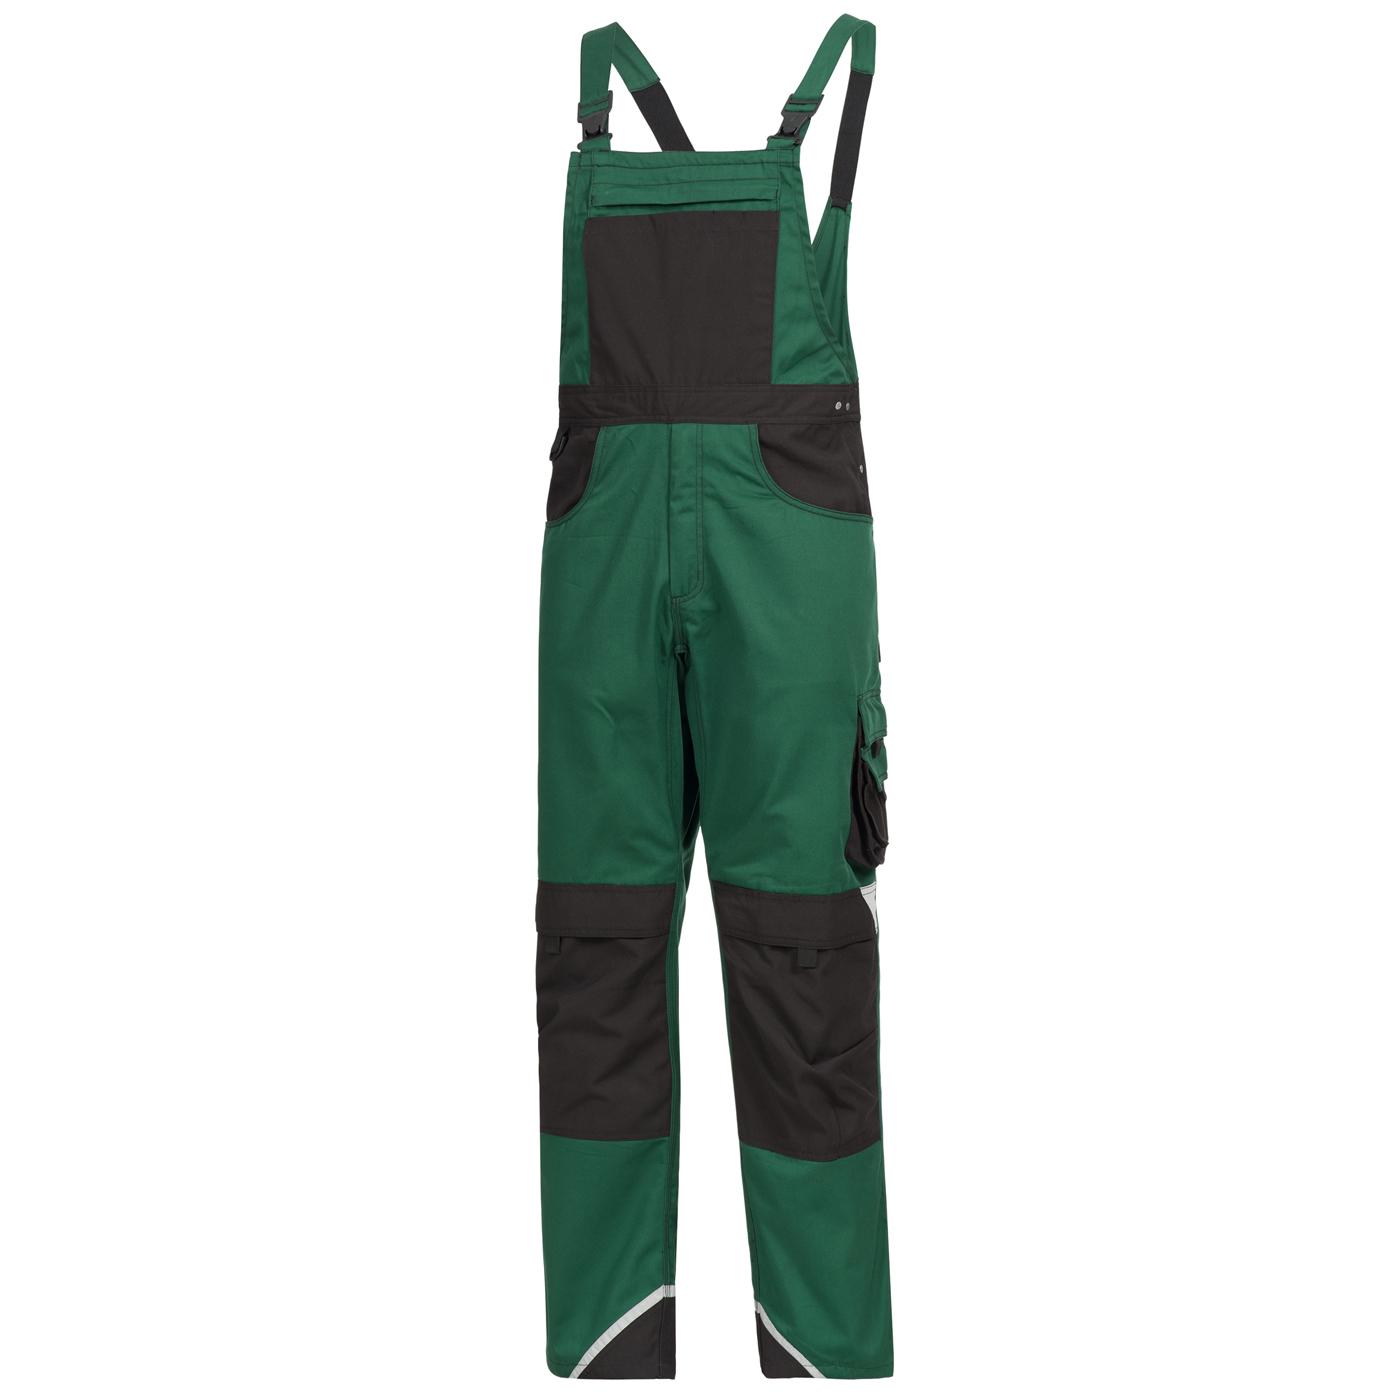 Spodnie ogrodniczki Nitras 7624